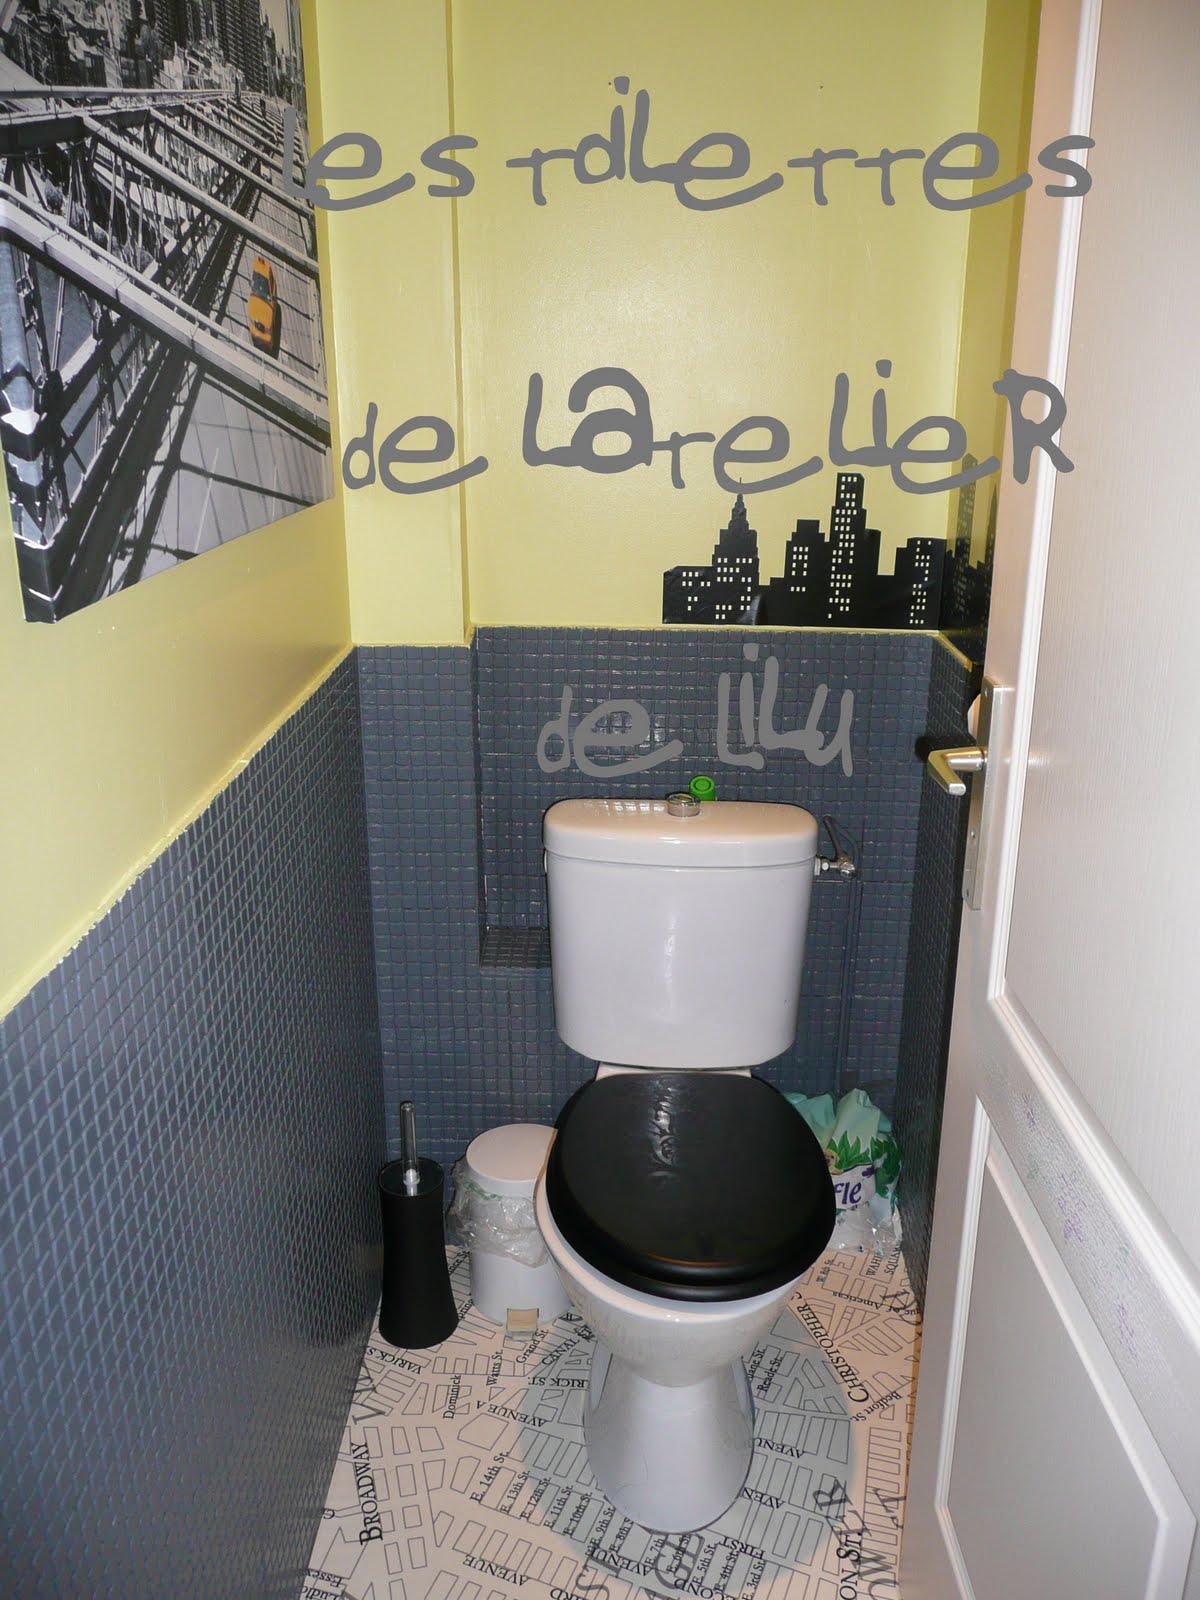 Le journal d 39 en haut de mademoiselle caroline aux chiottes for Repeindre les toilettes